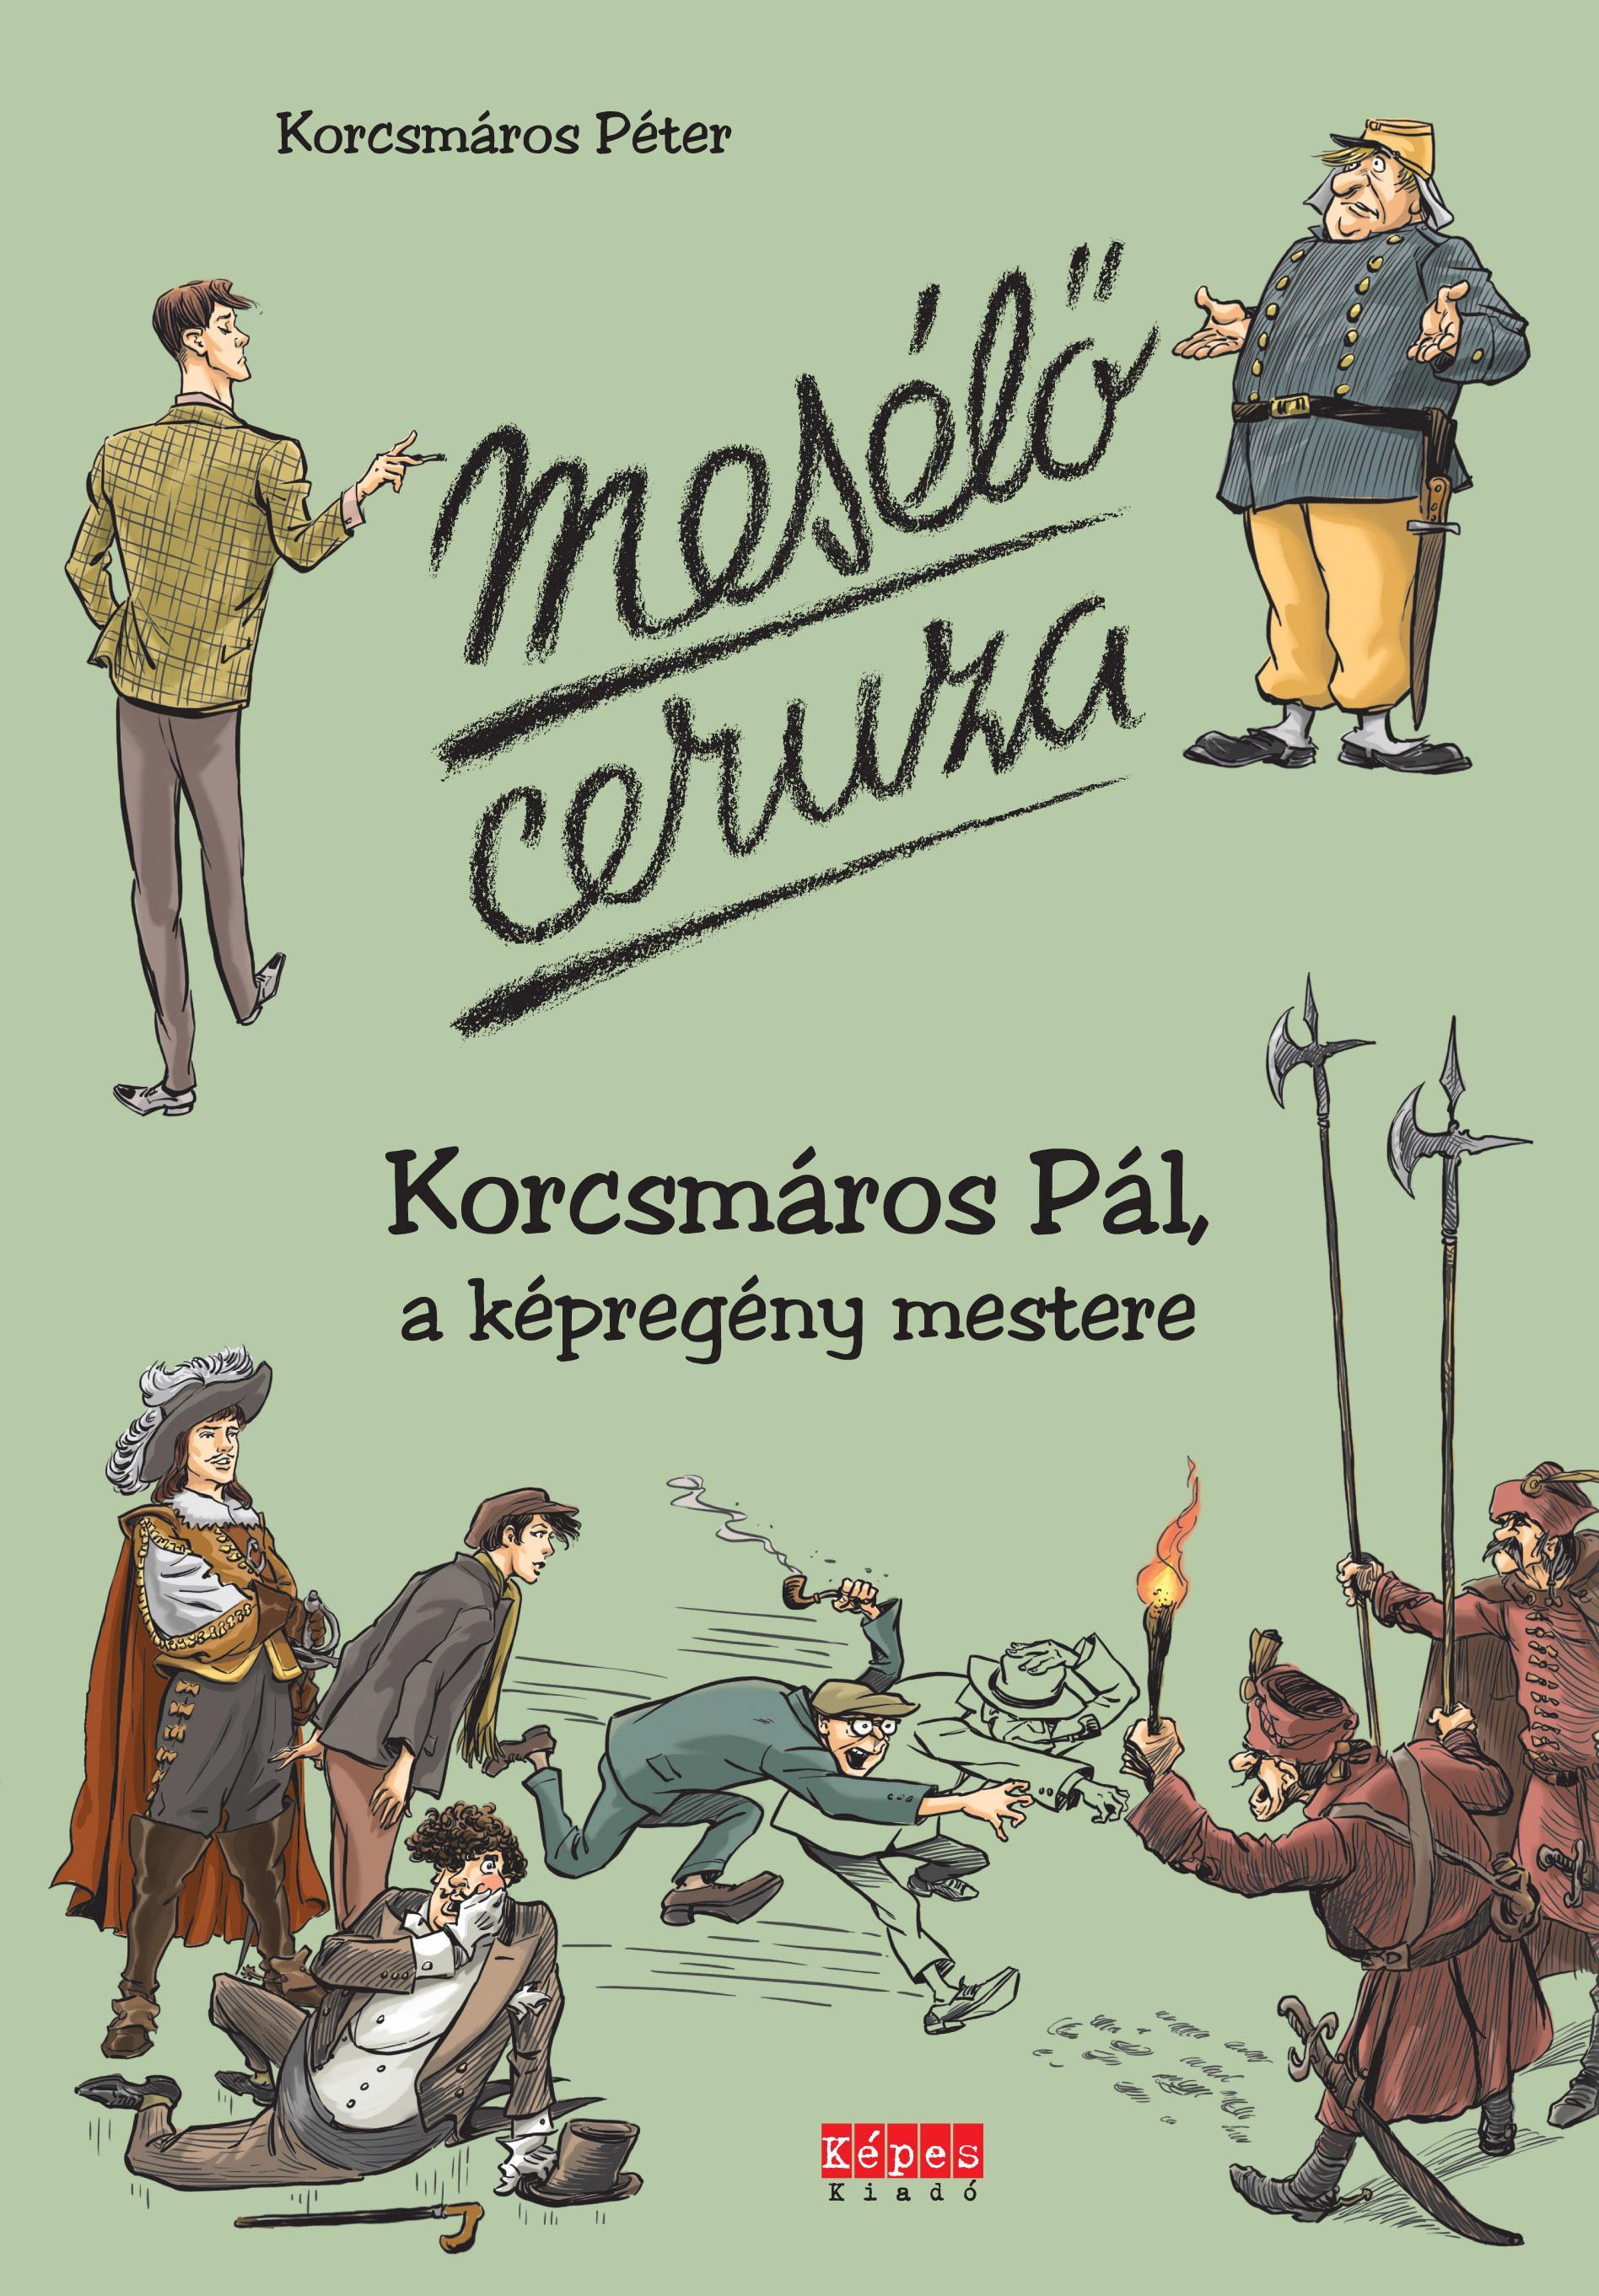 KORCSMÁROS PÉTER - MESÉLŐ CERUZA - KORCSMÁROS PÁL, A KÉPREGÉNY MESTERE